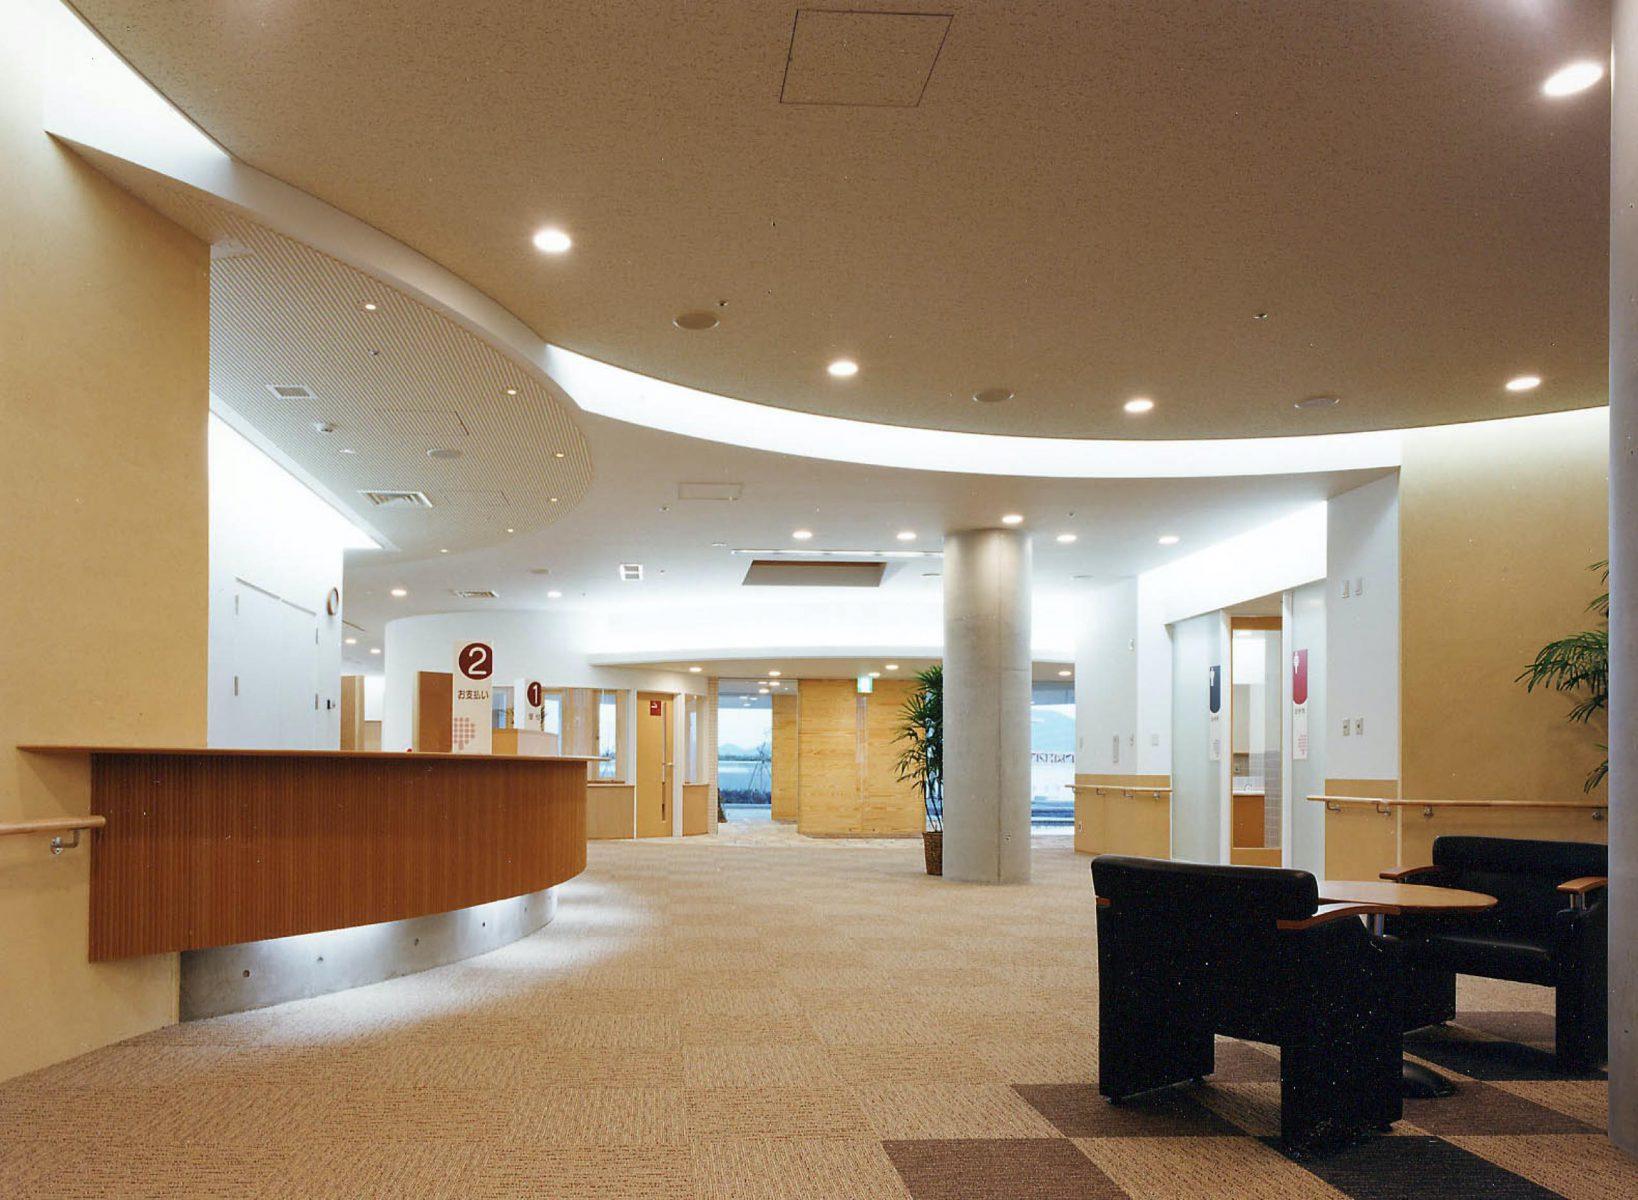 ホスピタル 待合い・エントランスホール